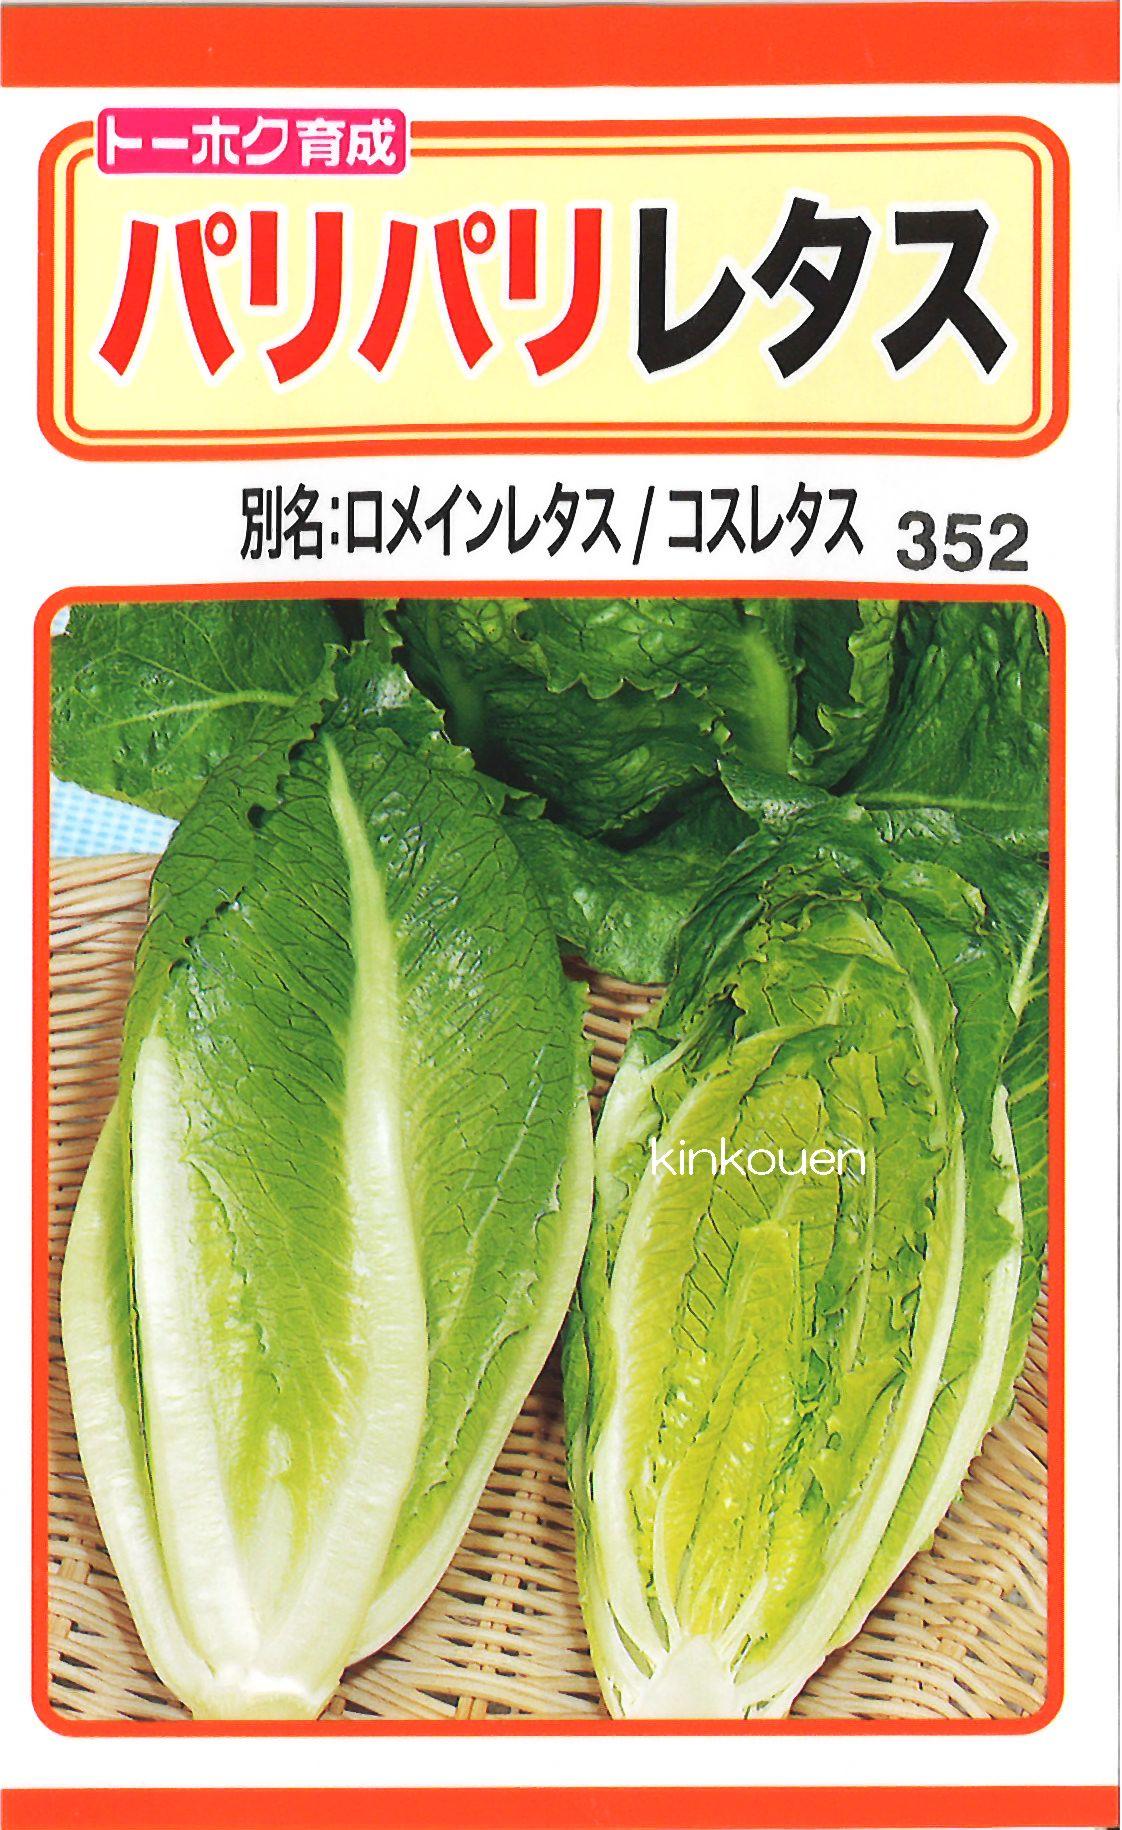 【代引不可】【5袋まで送料80円】 □パリパリレタス